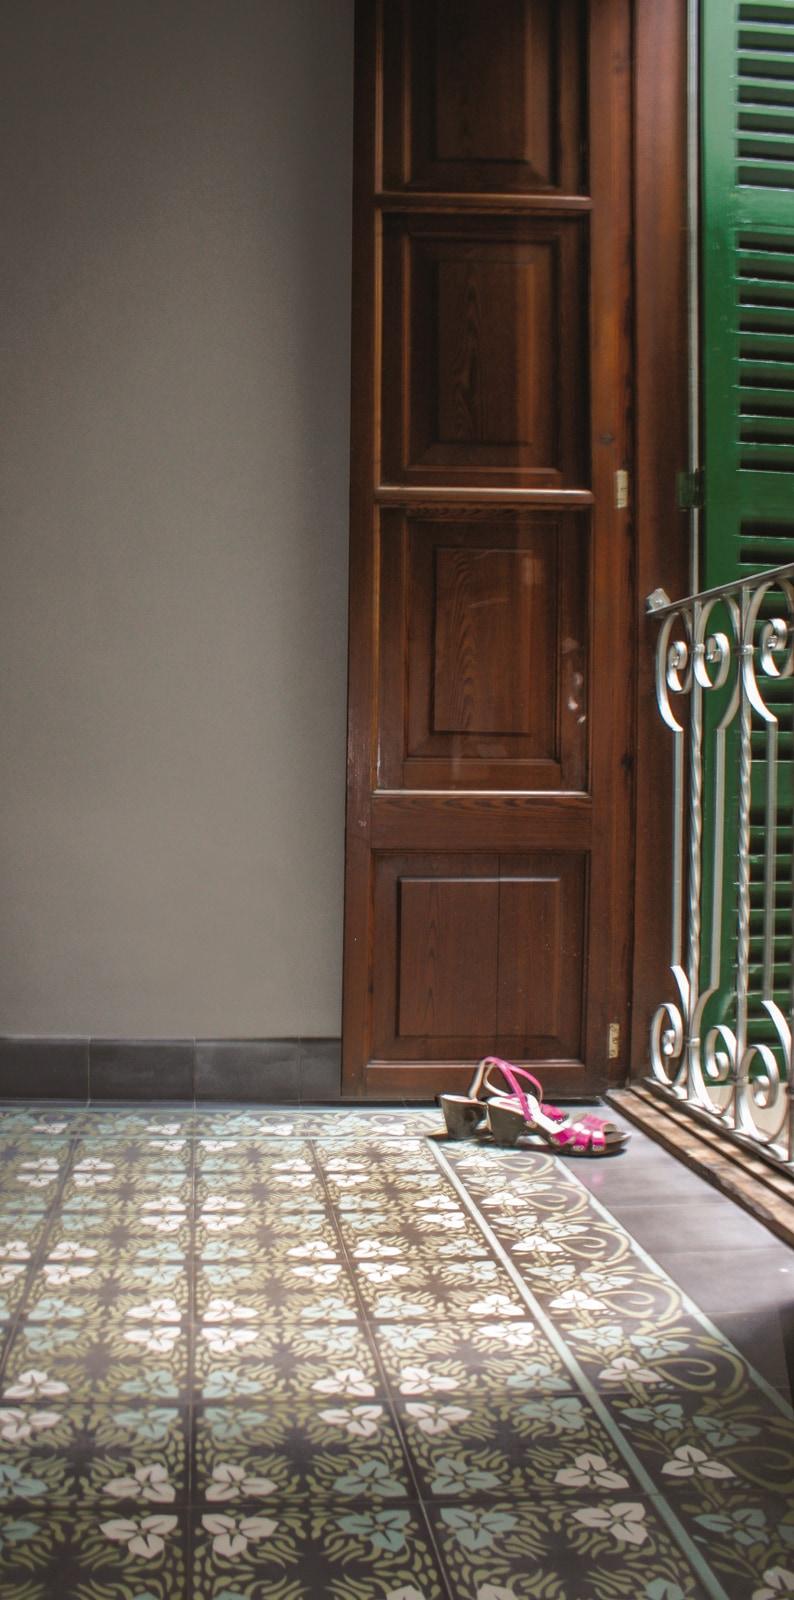 zementfliesen-VIA-zementmosaikplatten-nummer-11761-schlafzimmer | 11761